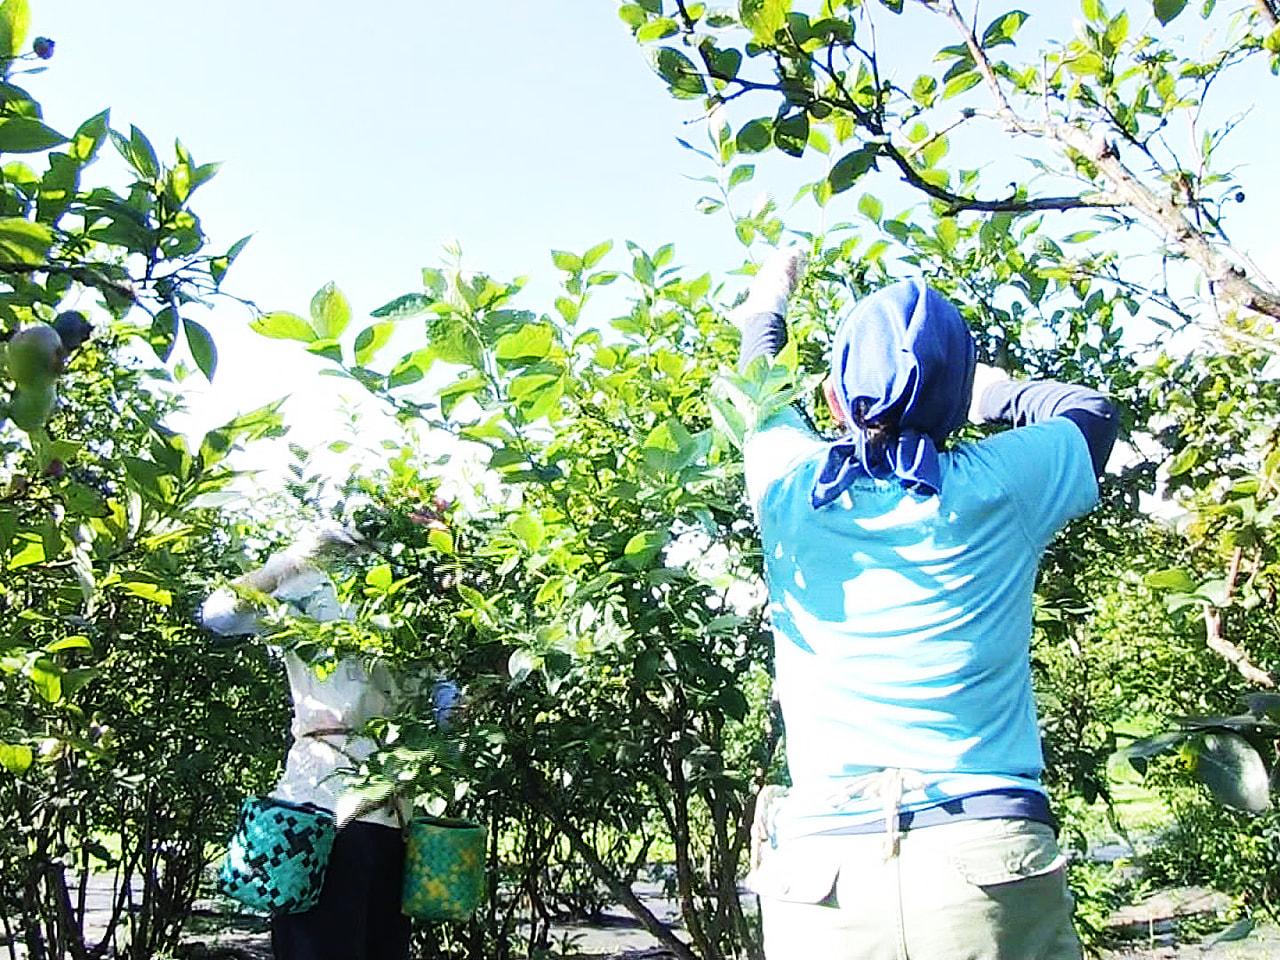 岐阜県高山市内で、寒暖差を生かして栽培する果物や夏野菜の収穫がピークを迎えていま...